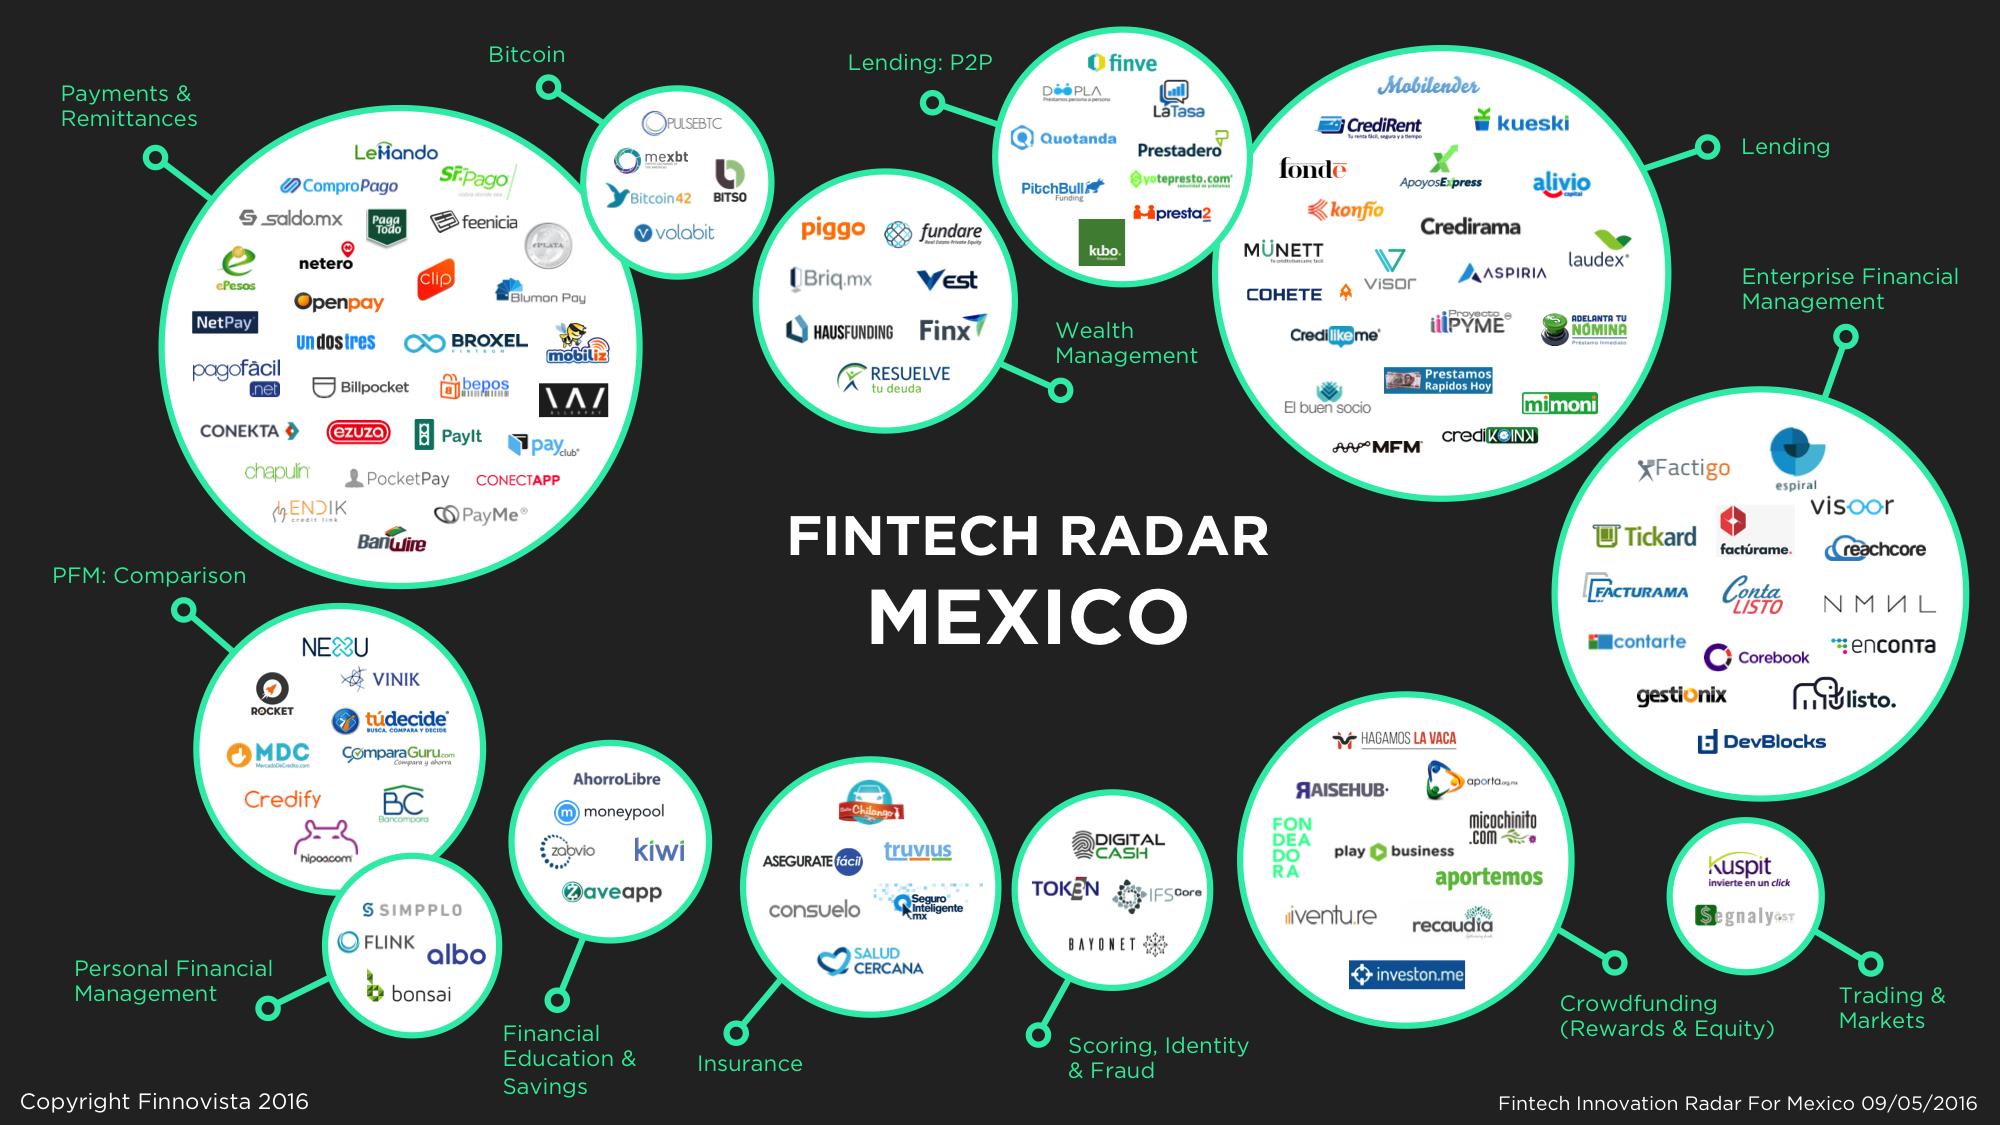 Mexico-Fintech-Radar